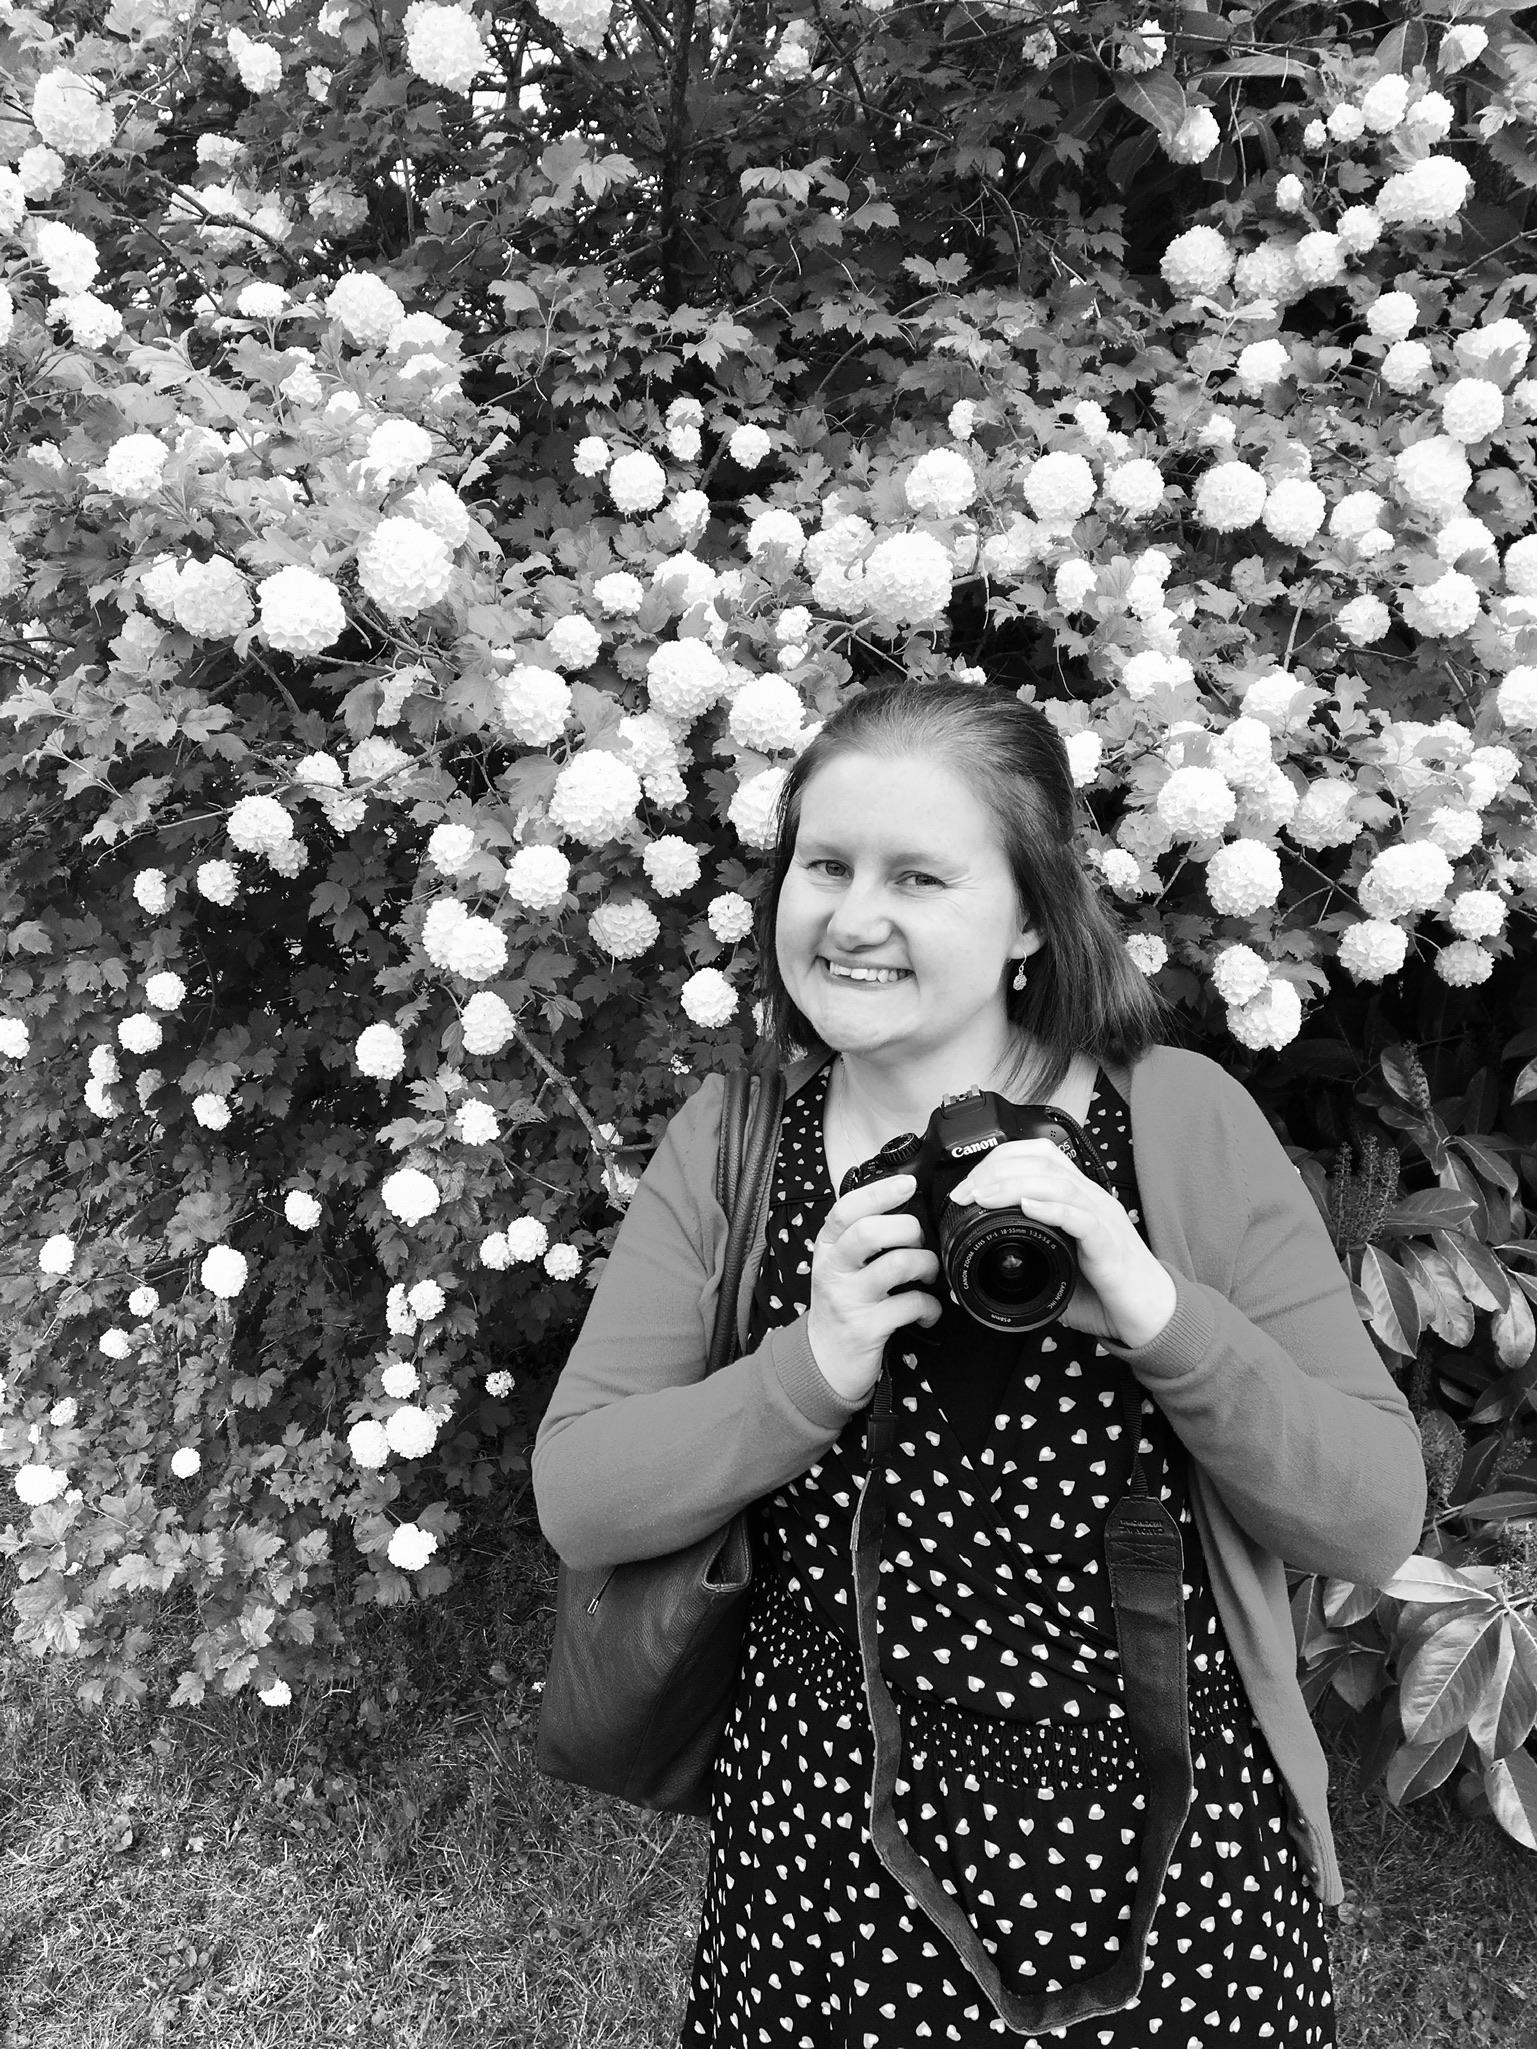 Samantha Dobson holding a camera